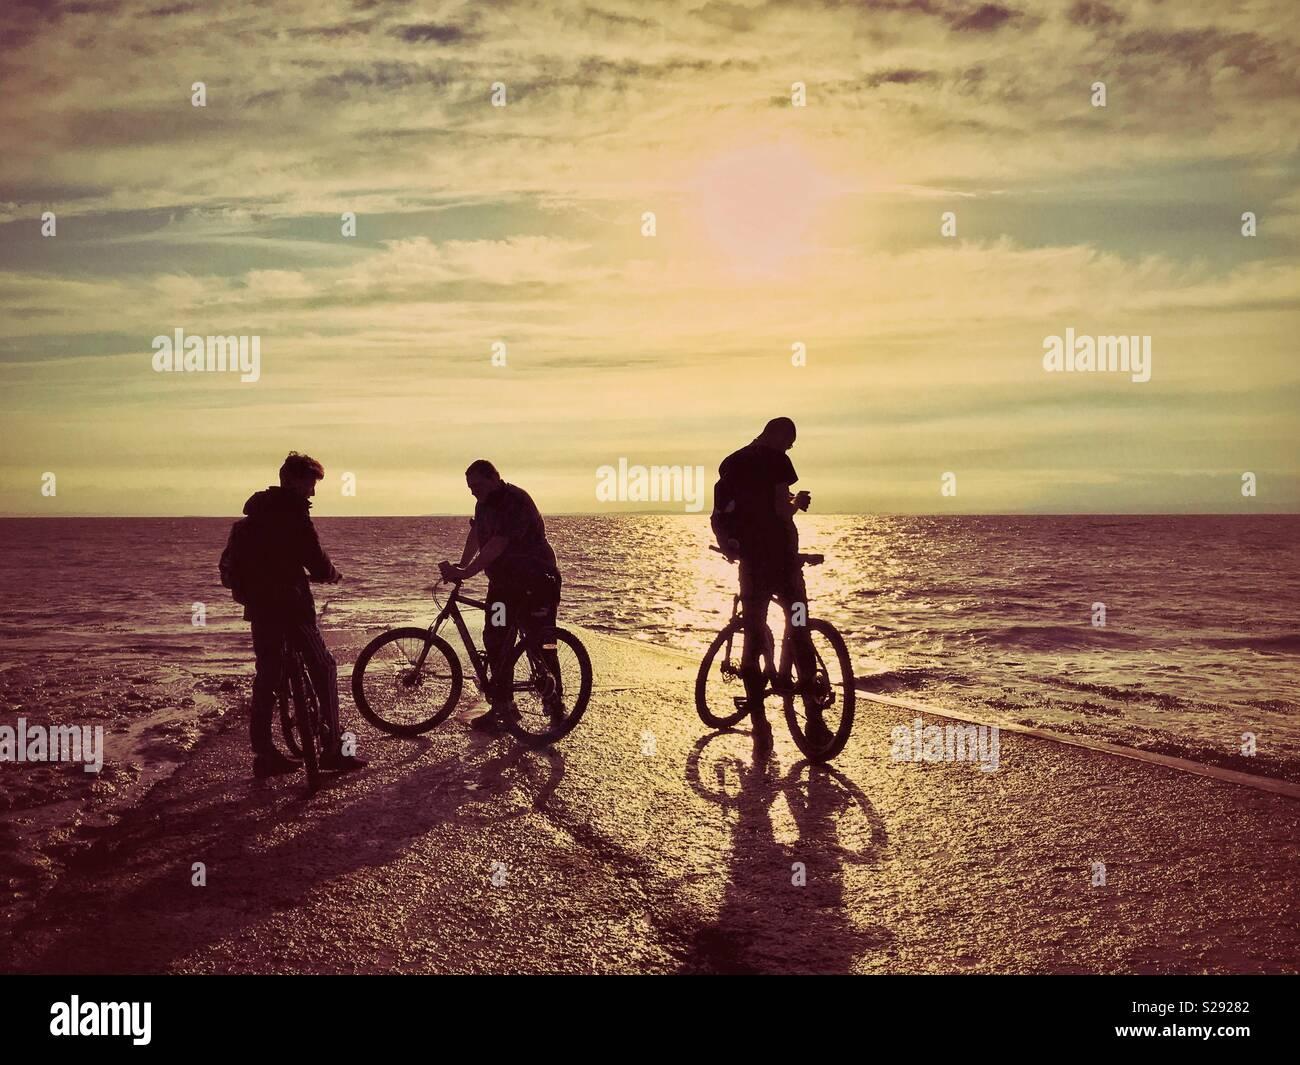 Le sagome delle tre ciclista maschio amici come rilassarsi vicino al bordo del mare al tramonto. Un Creative & atmosferica foto con molteplici usi potenziali. Credito foto - © COLIN HOSKINS. Immagini Stock